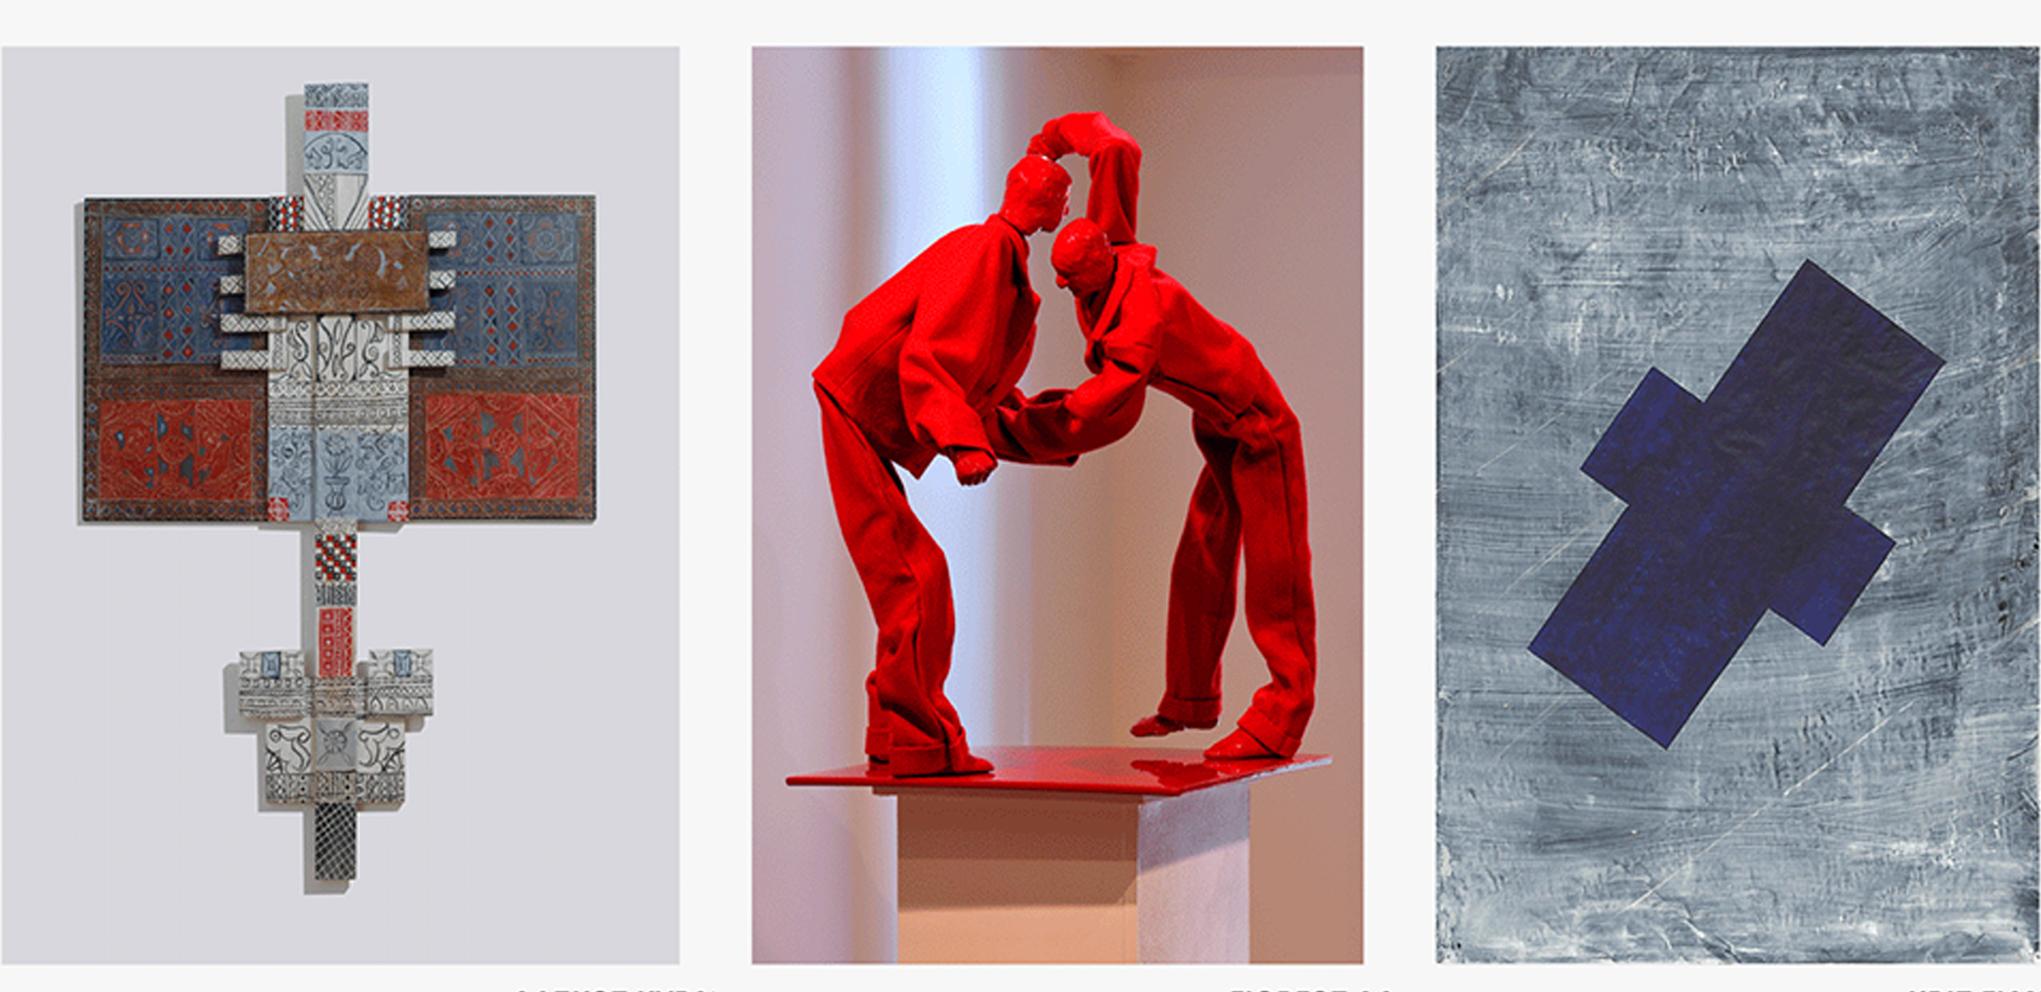 """ΓκαλερίCitronne: """"Ars Longa"""" – Εικαστική επιλογή από τα έργα έξι καλλιτεχνών"""